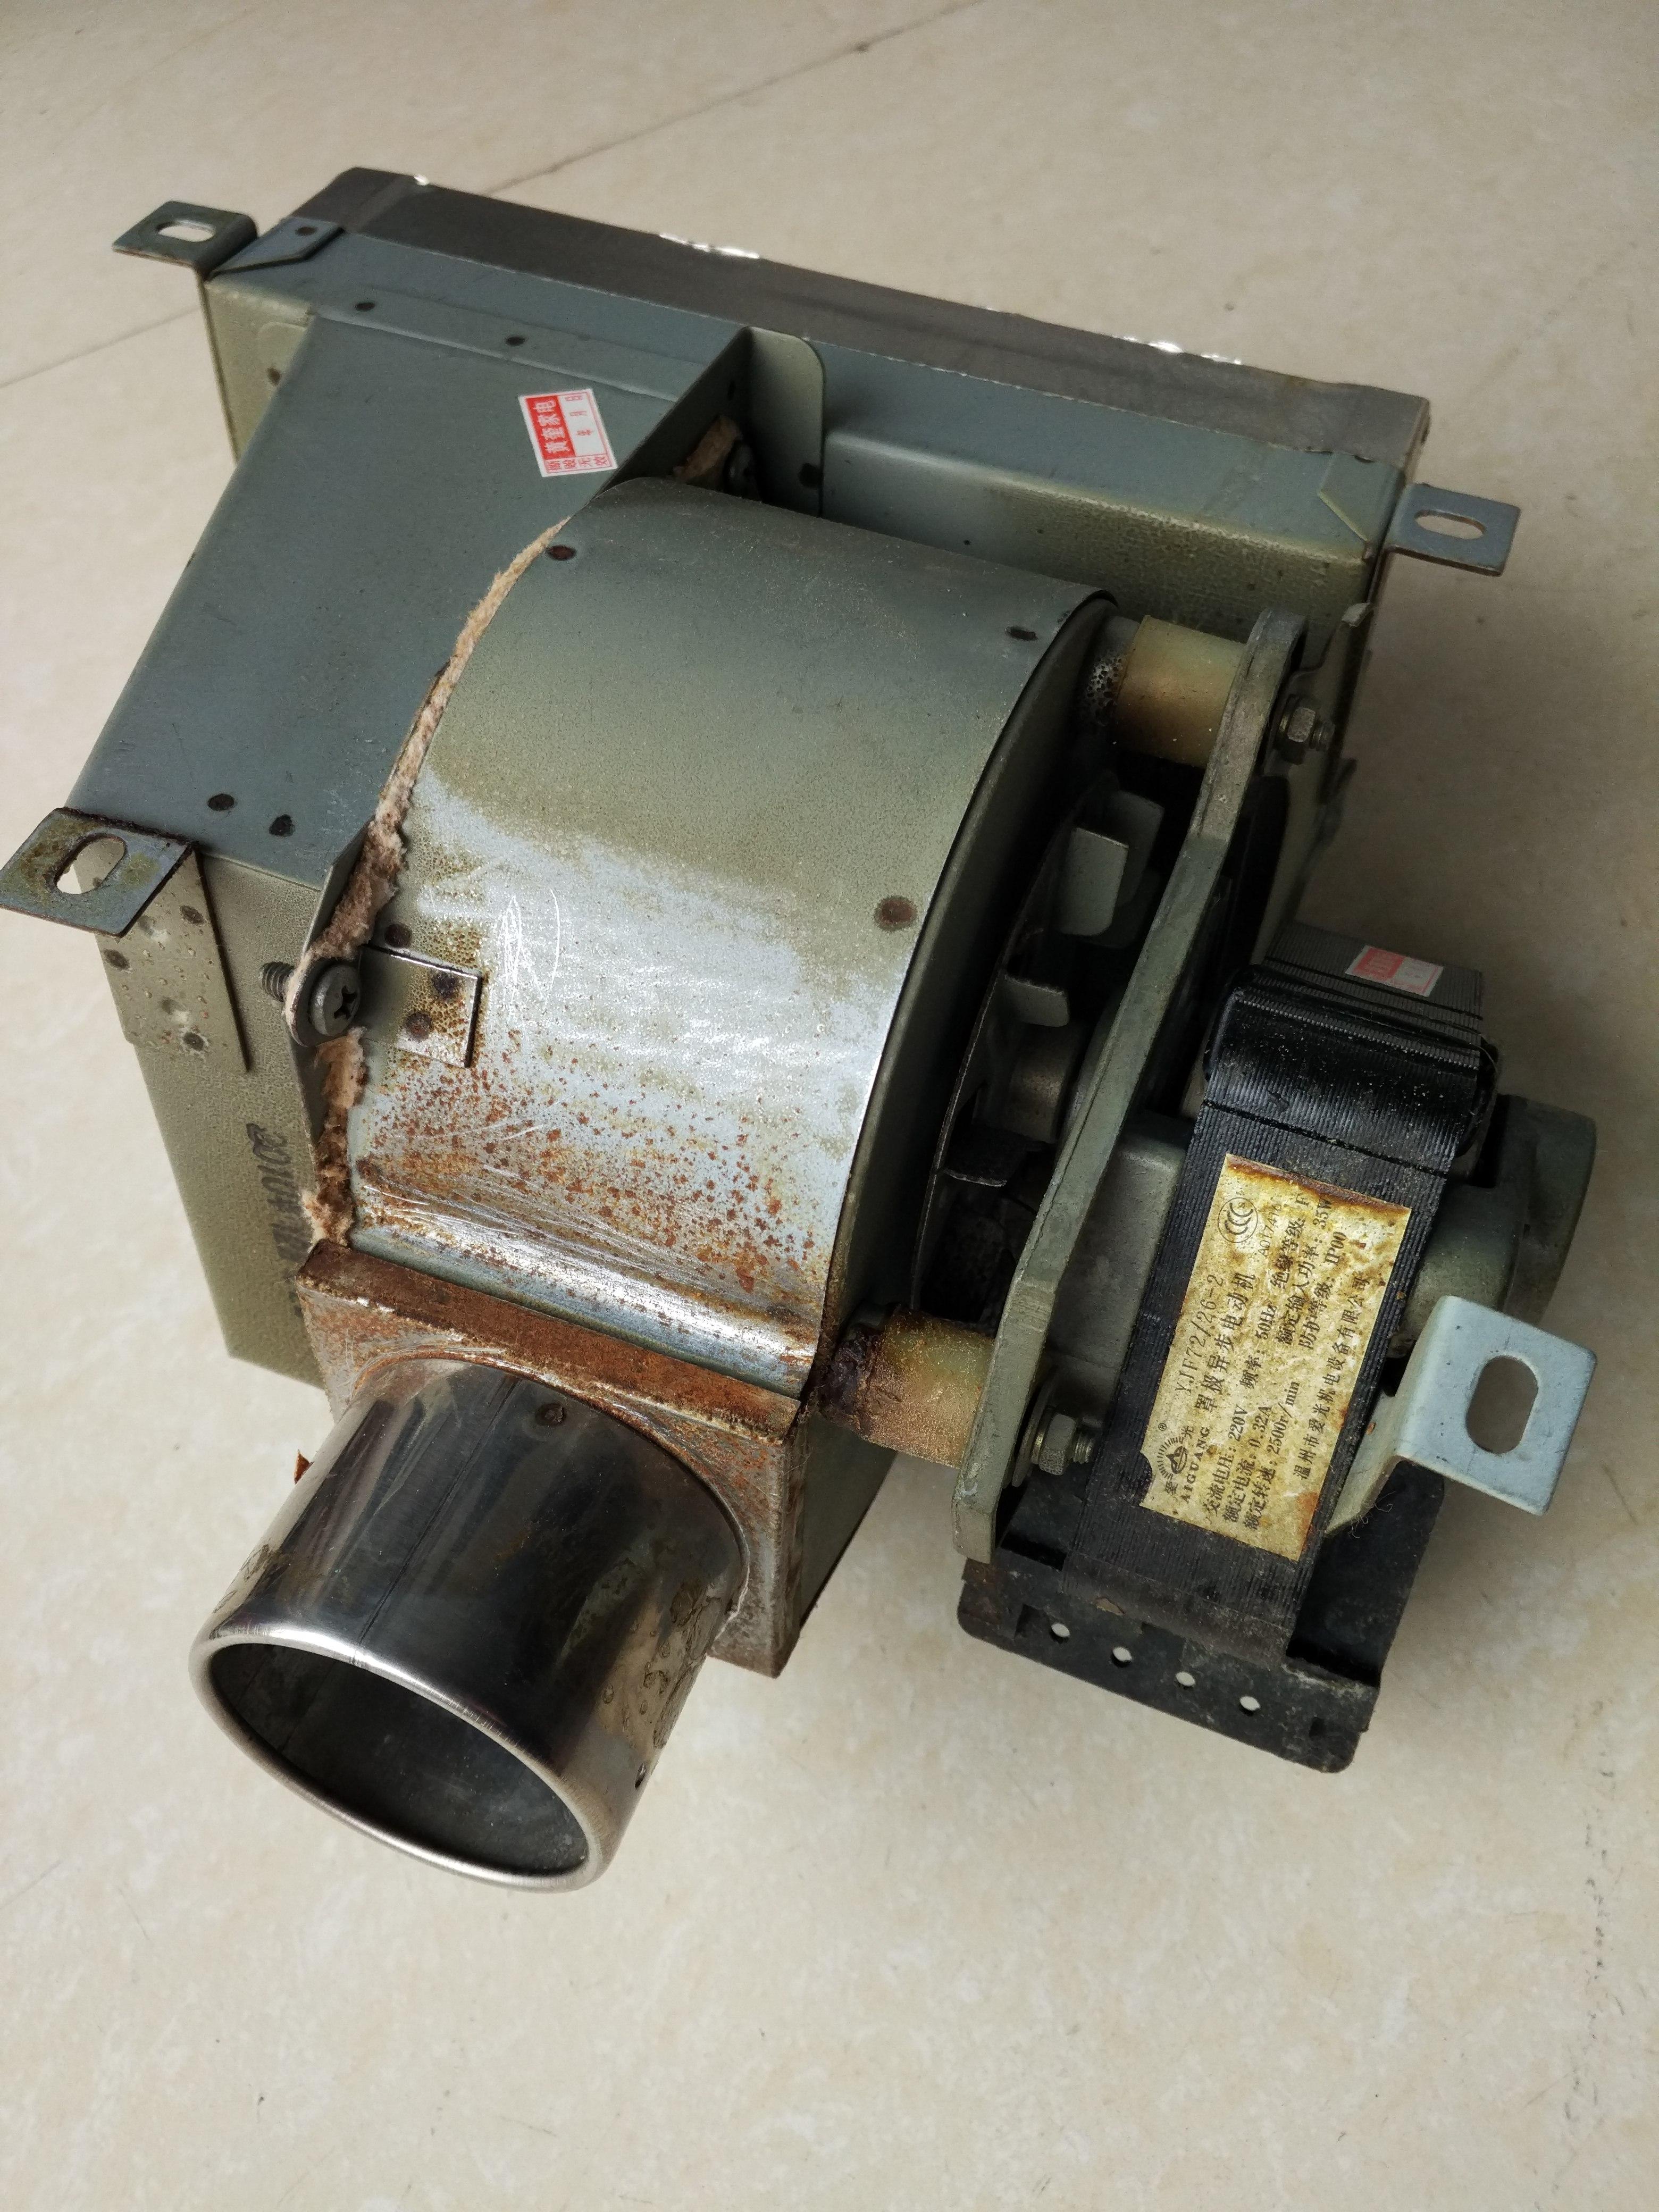 原装創爾特ガス湯沸かし器JSQ20-F(ななじゅう)の風機電機アセンブリ(YJF72)